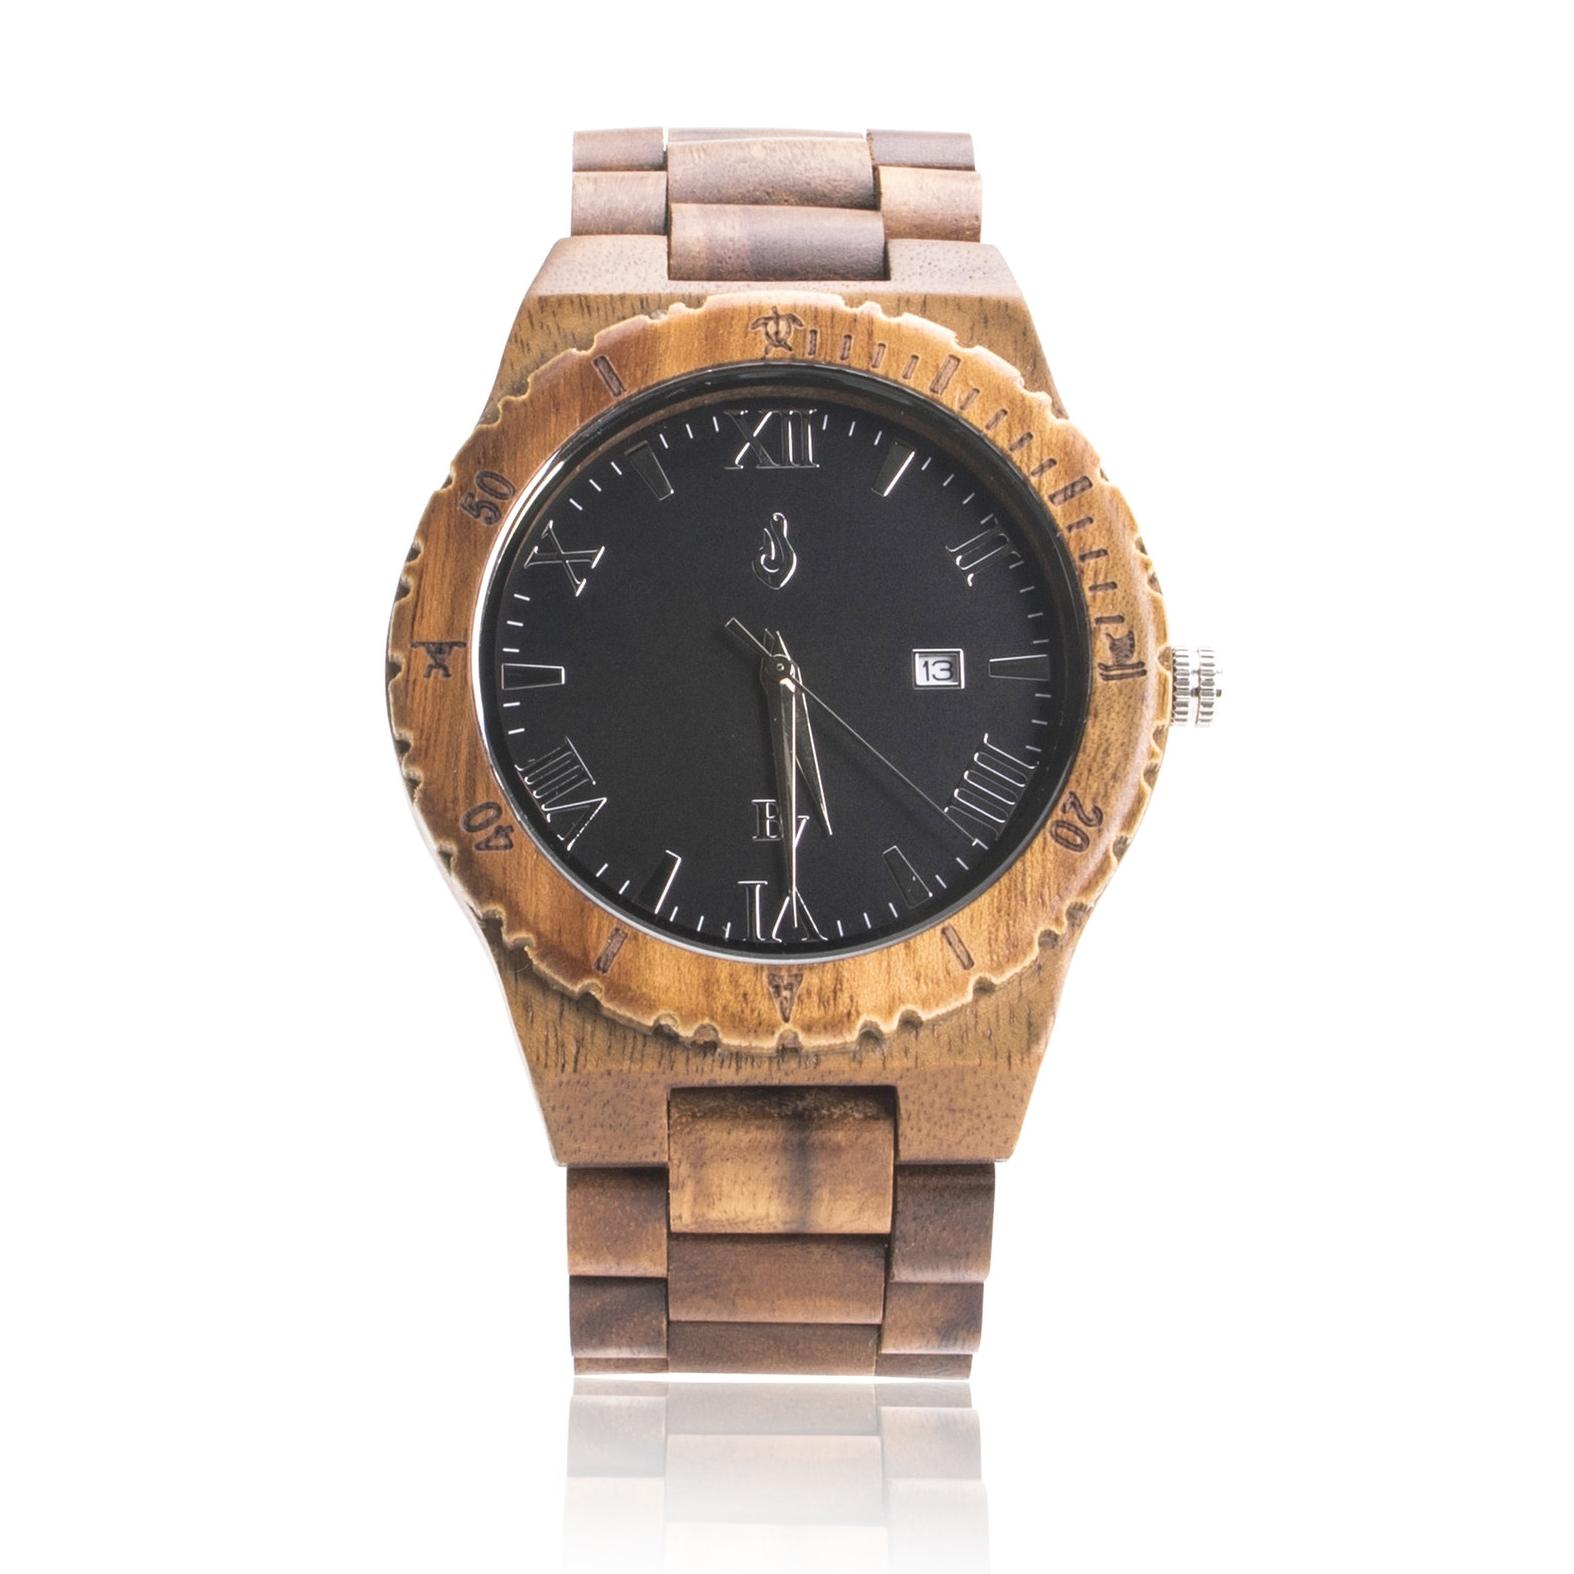 Koa wood watches for men